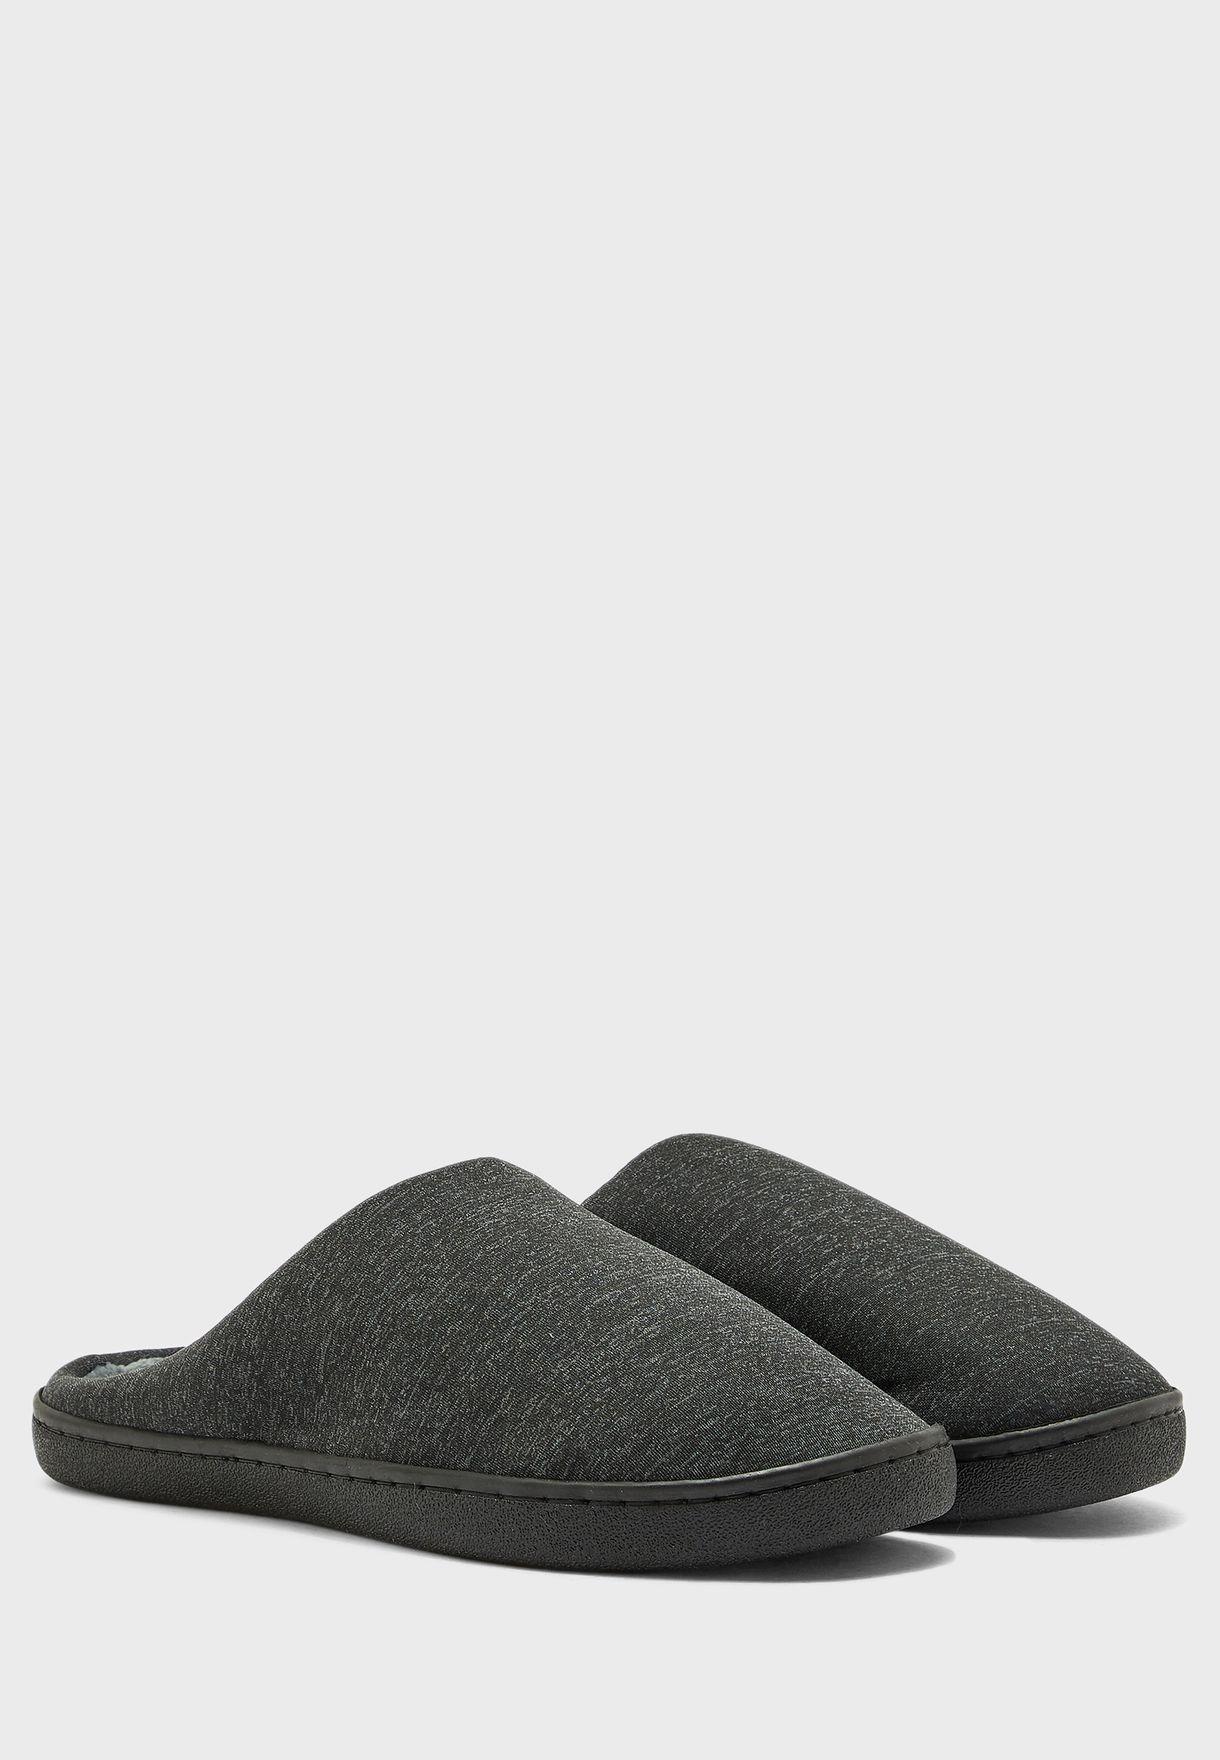 Slip On Bedroom Slippers